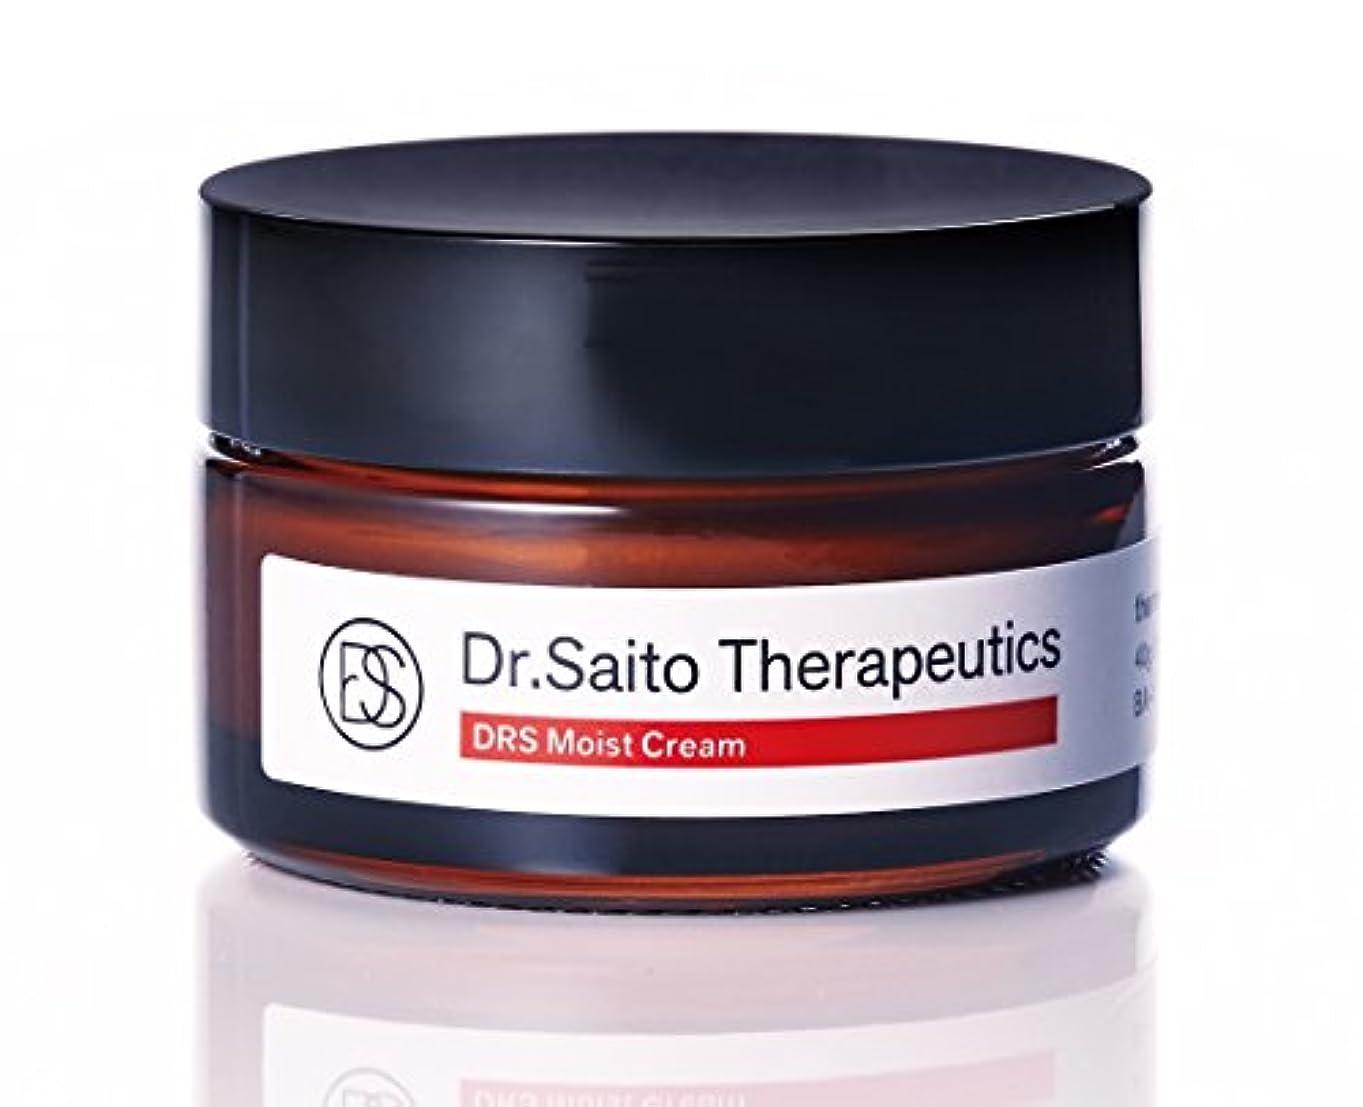 コールド銀所有権日本機能性医学研究所 Dr.Saito Therapeutics「DRS保湿クリーム」40g